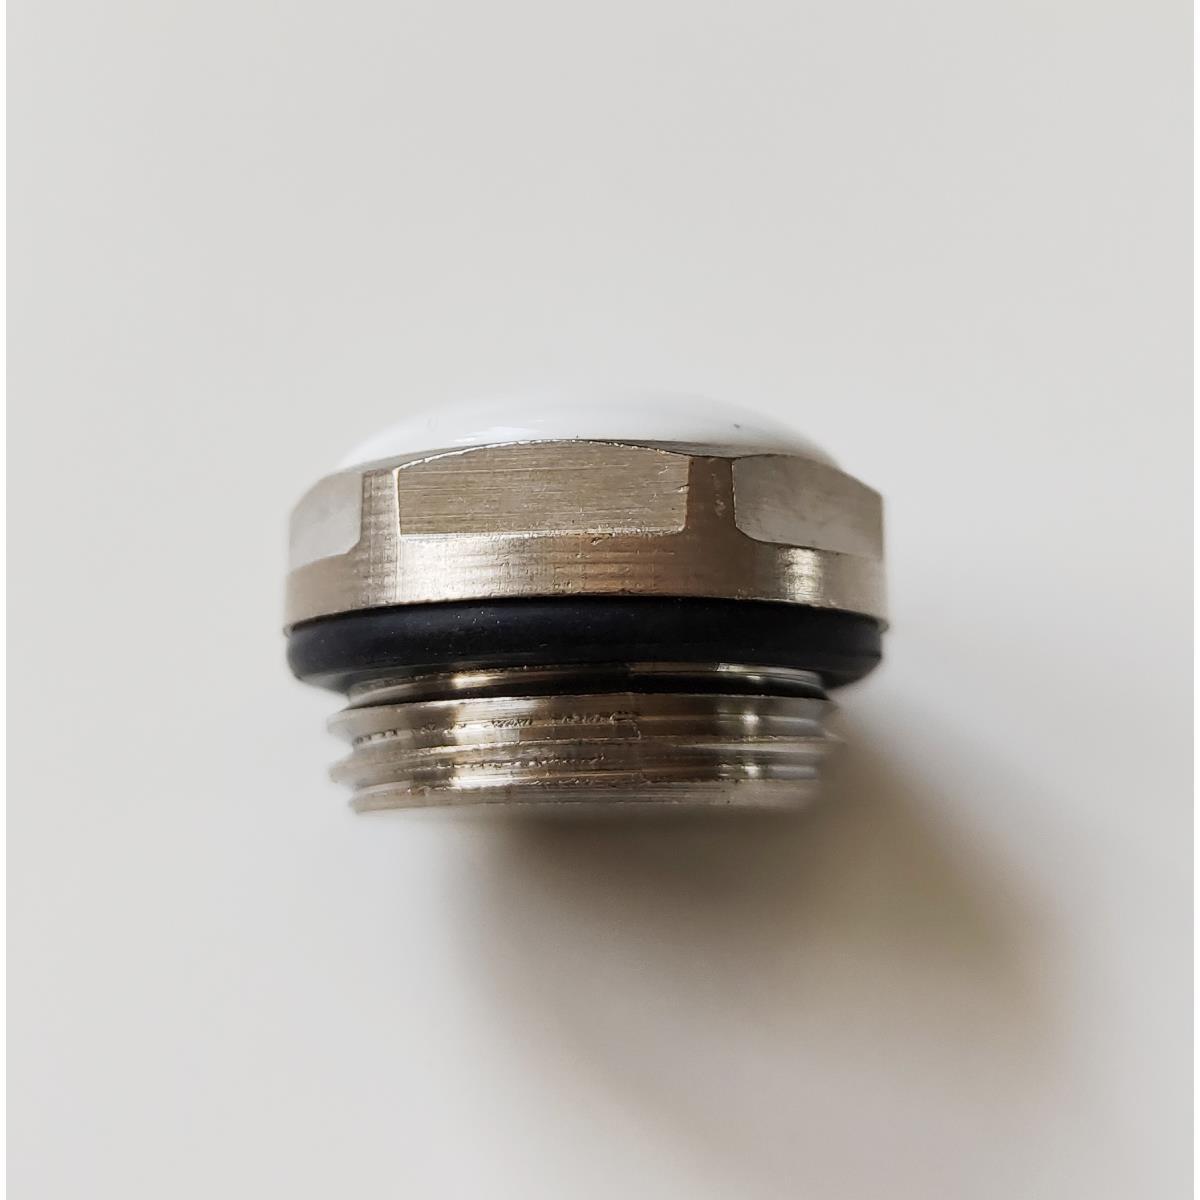 Blindstopfen Verschlussstopfen 1/2 Zoll selbstdichtend ,AQUER,ZG1/2 PL, 5908241625745